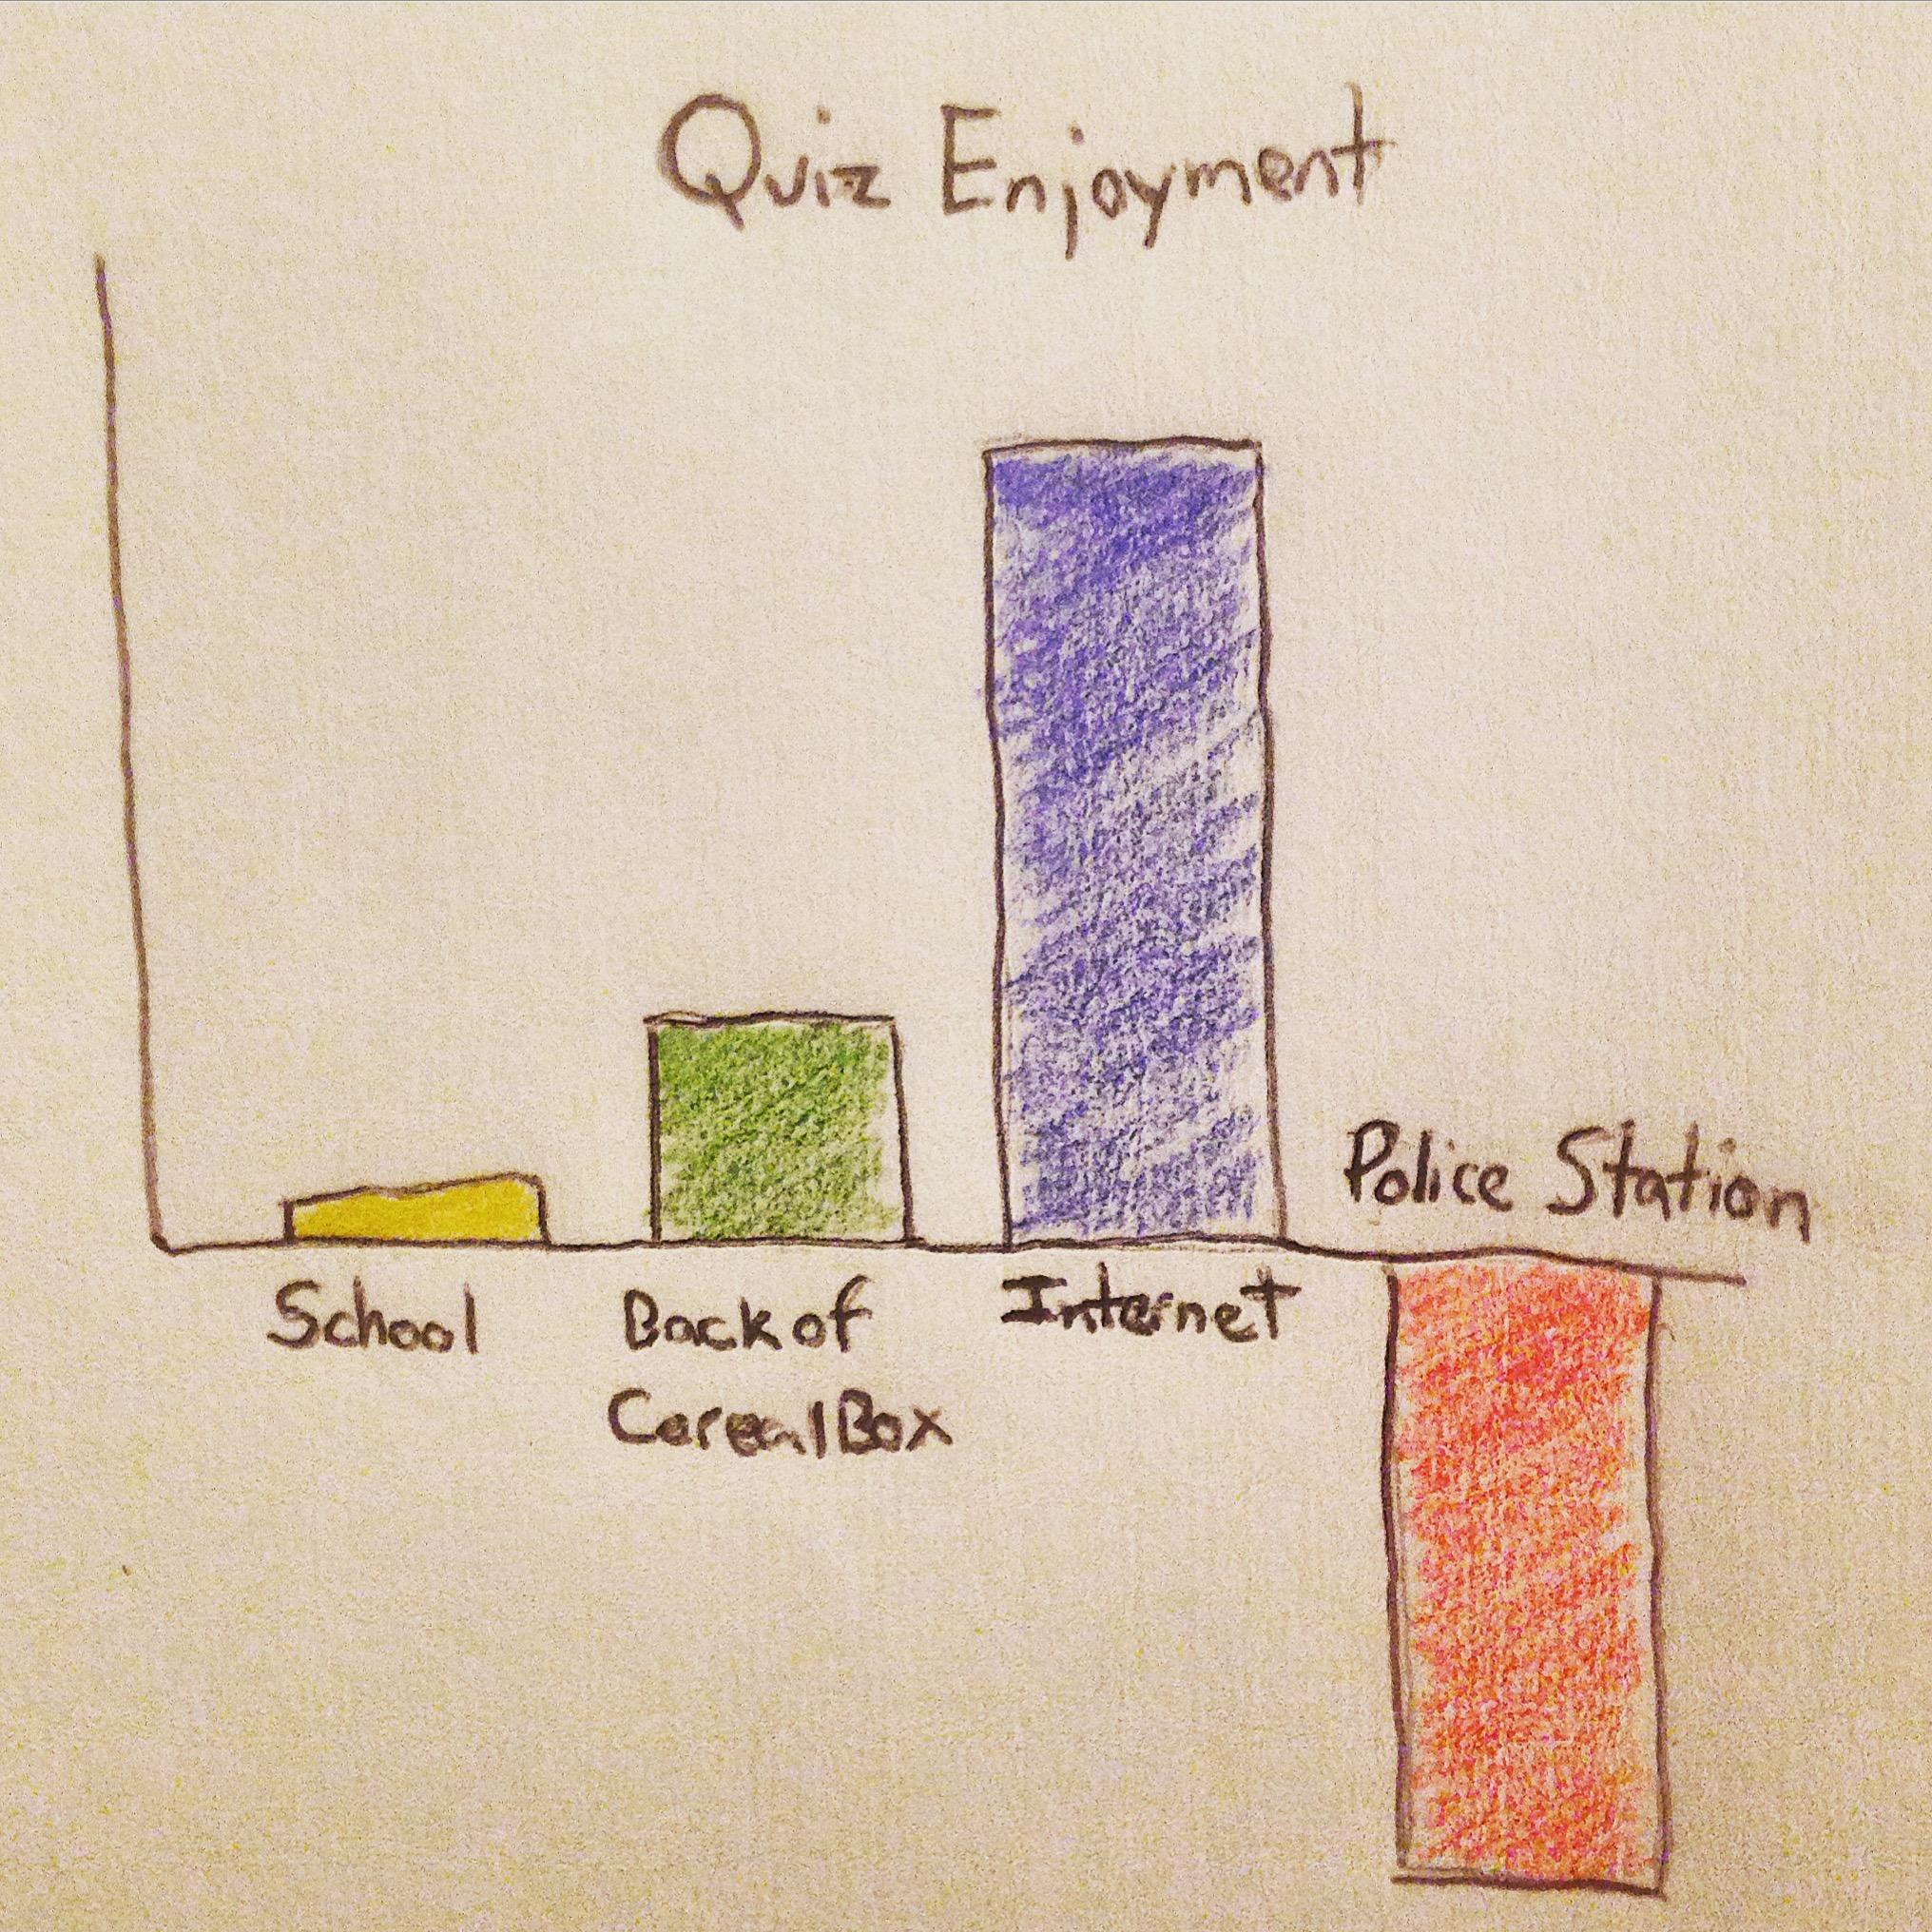 Quiz Enjoyment, by Location